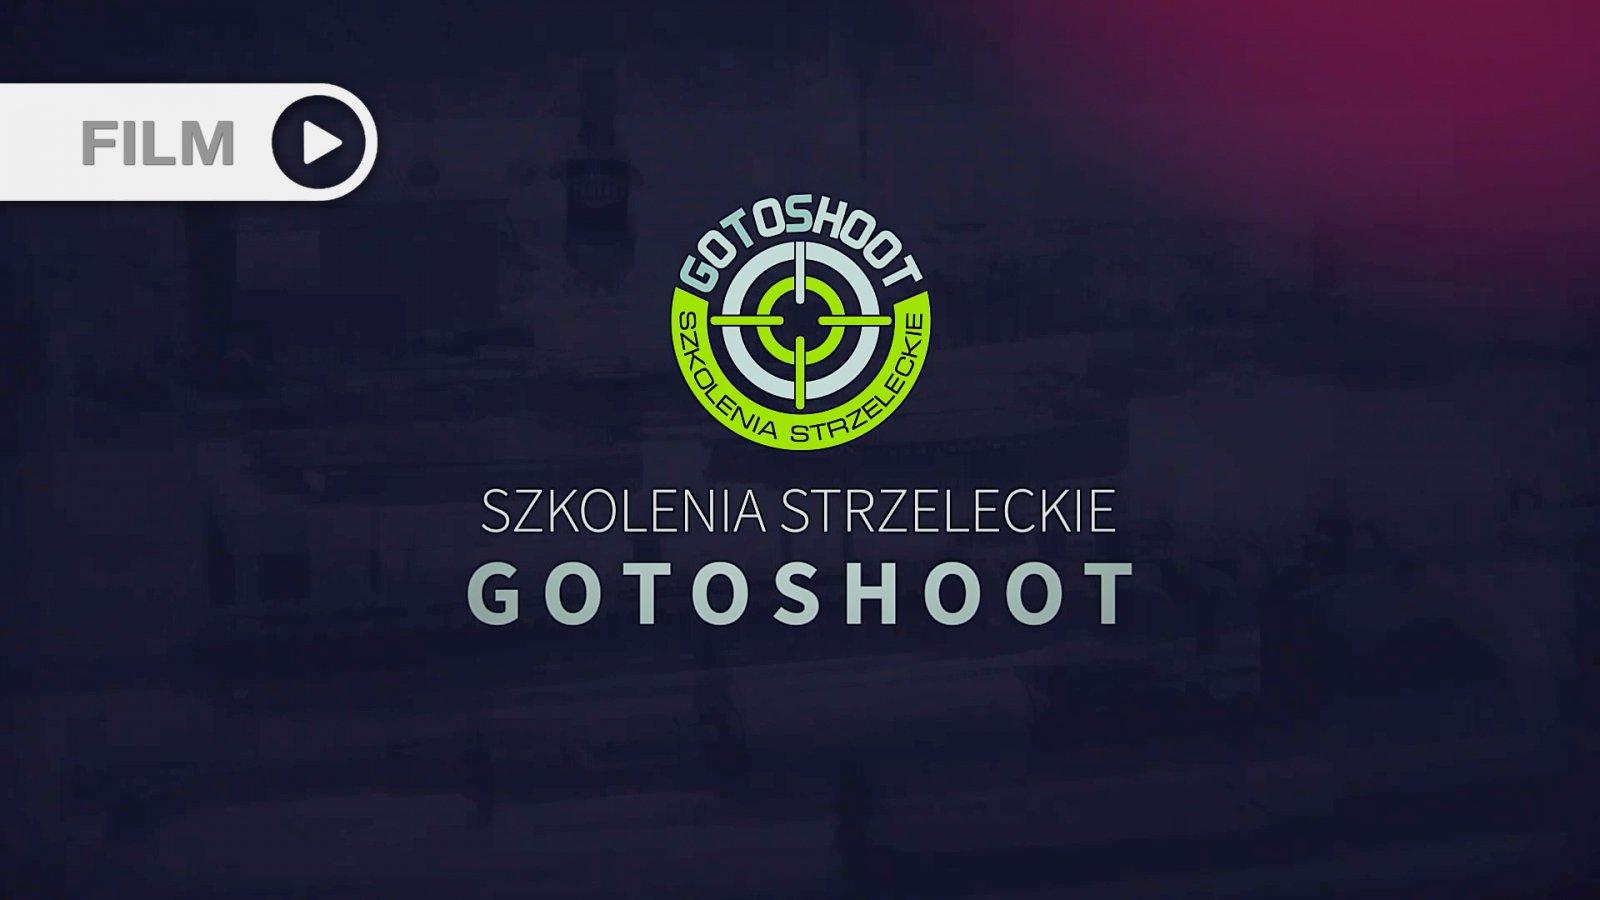 GoToShoot - Film Reklamowy